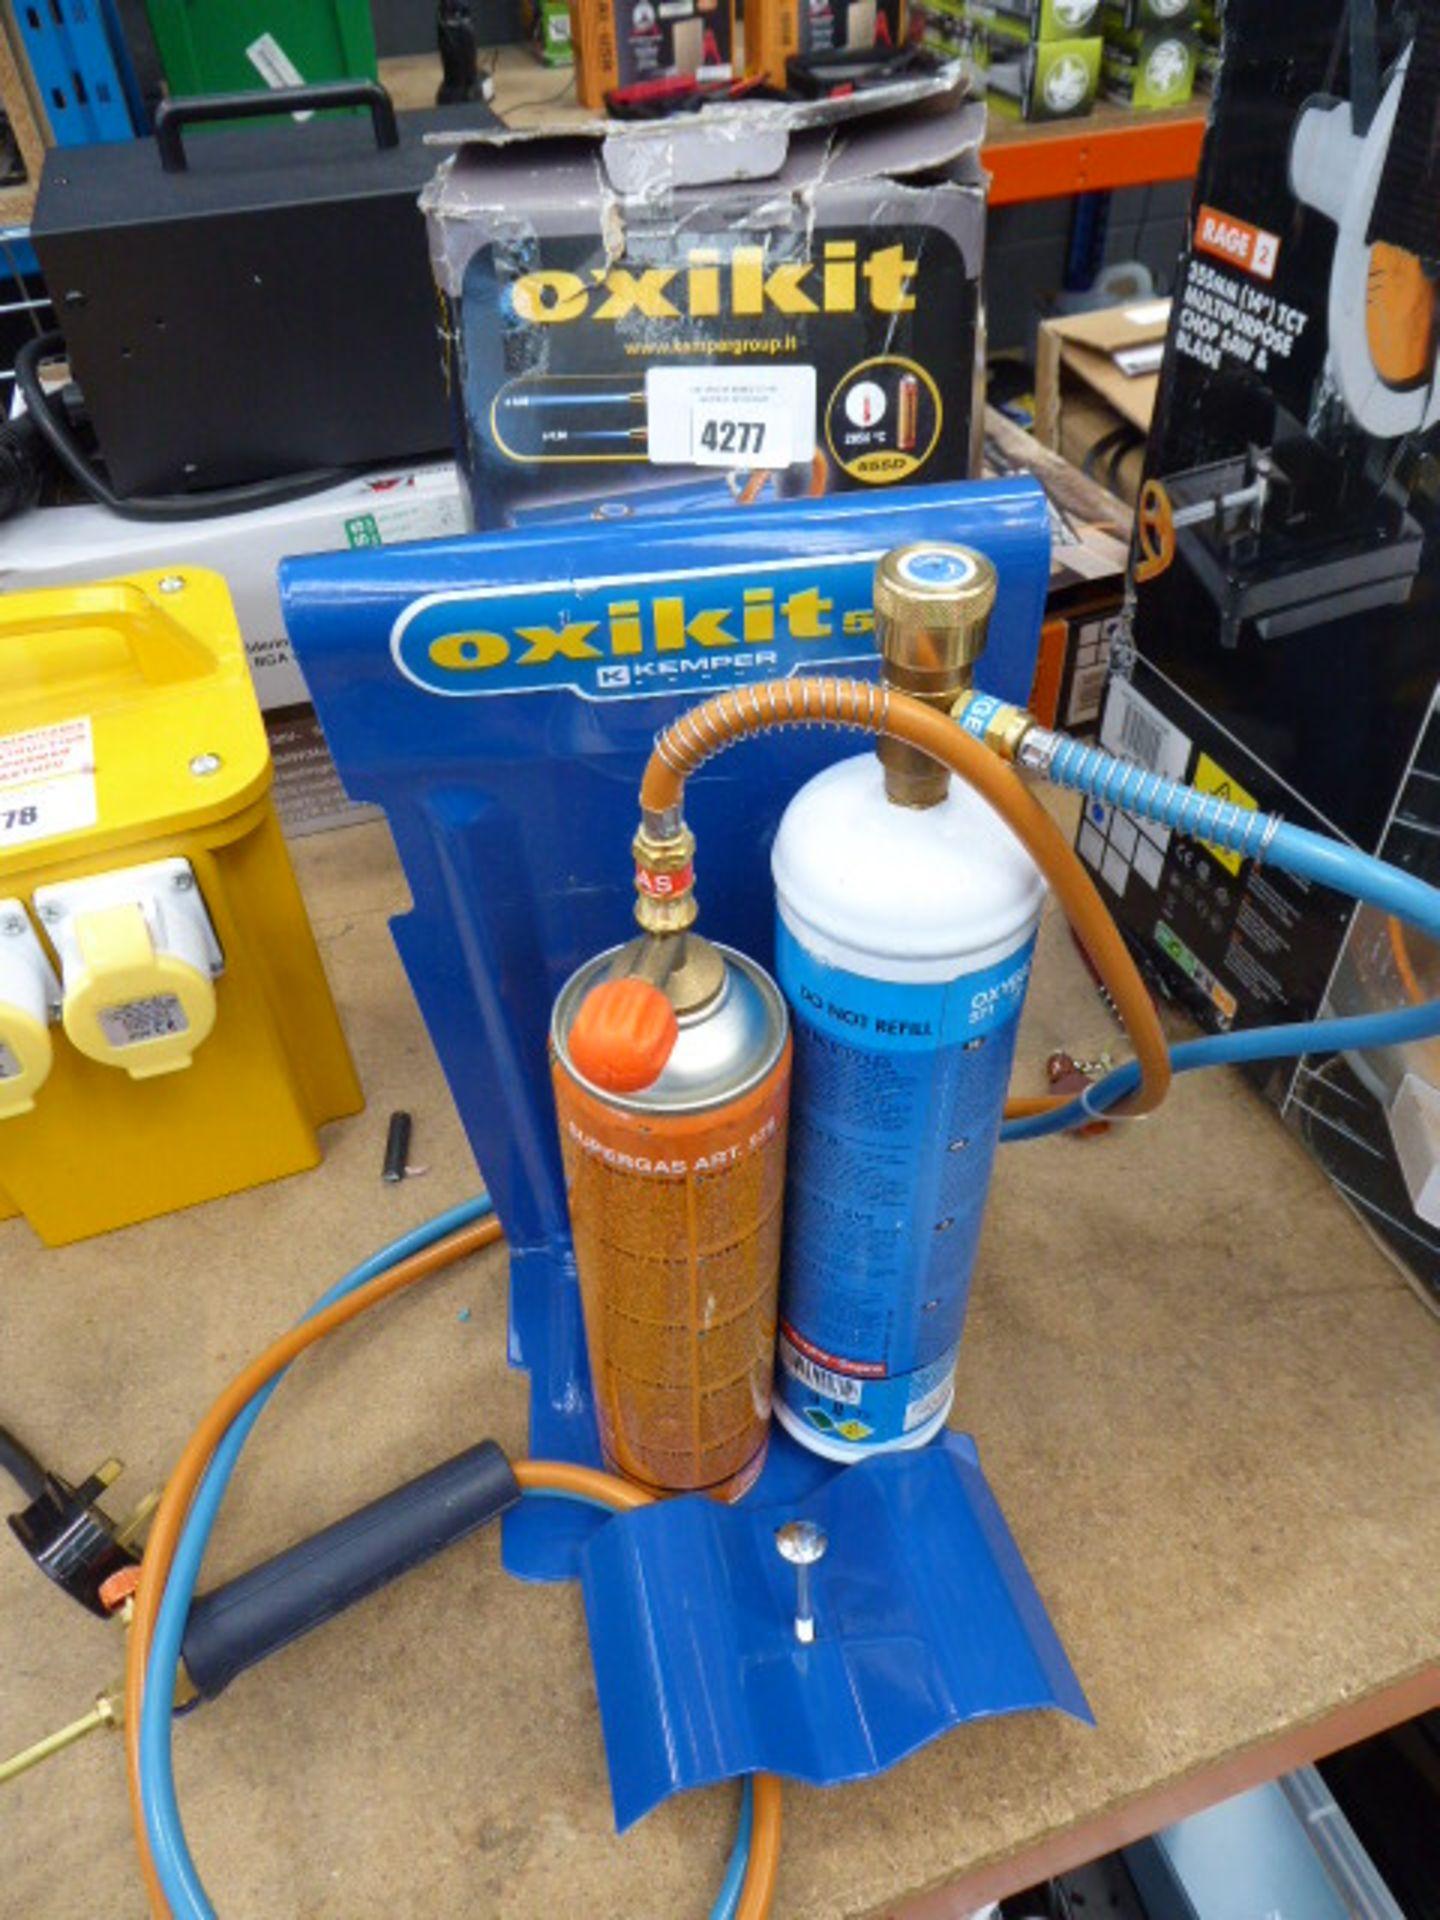 Oxi mini braising kit